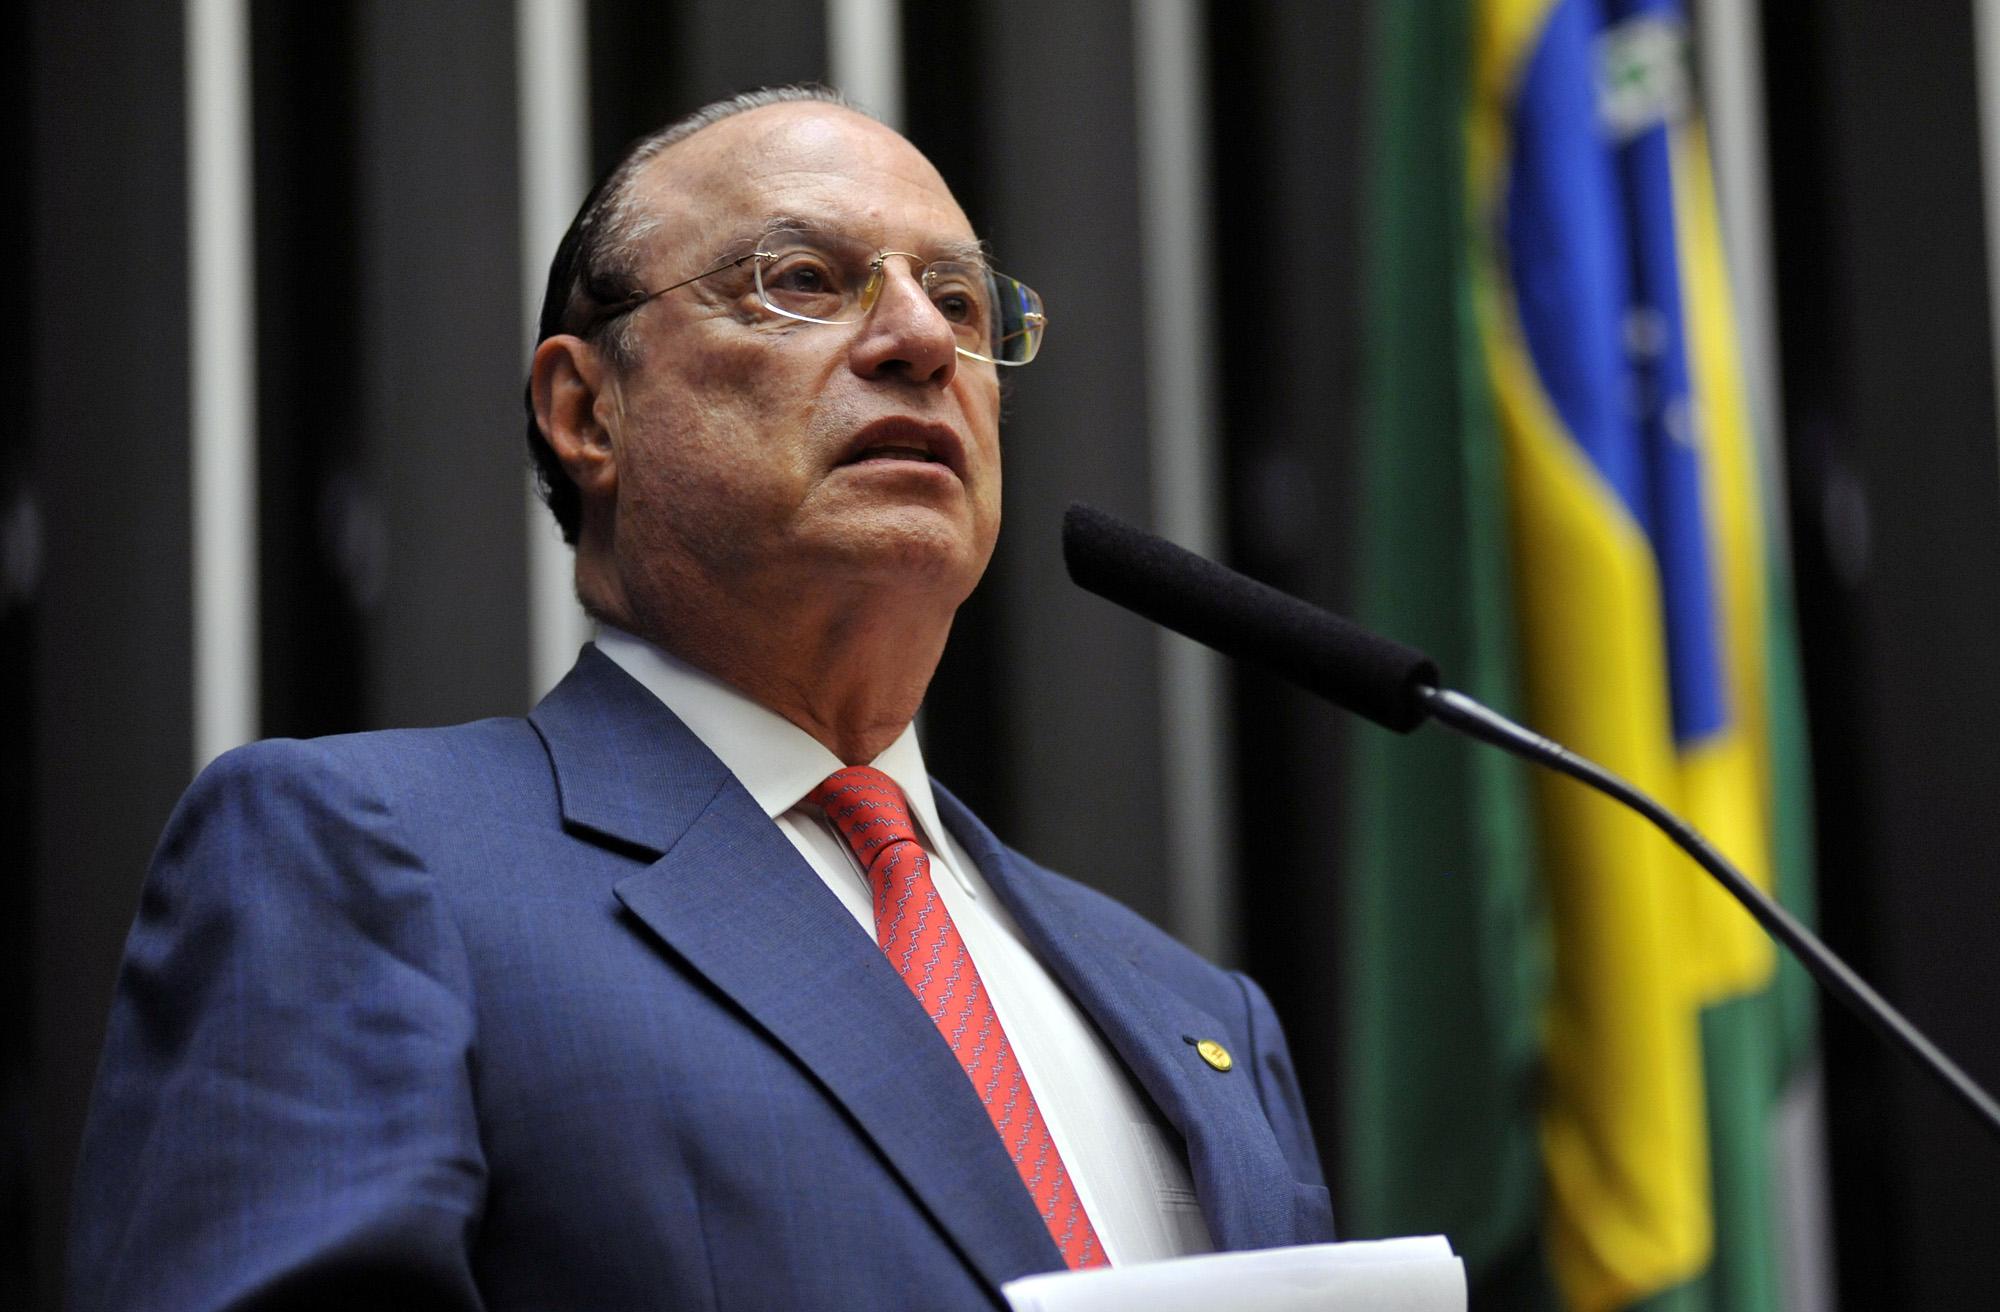 Câmara cassa mandato de Paulo Maluf no Brasil